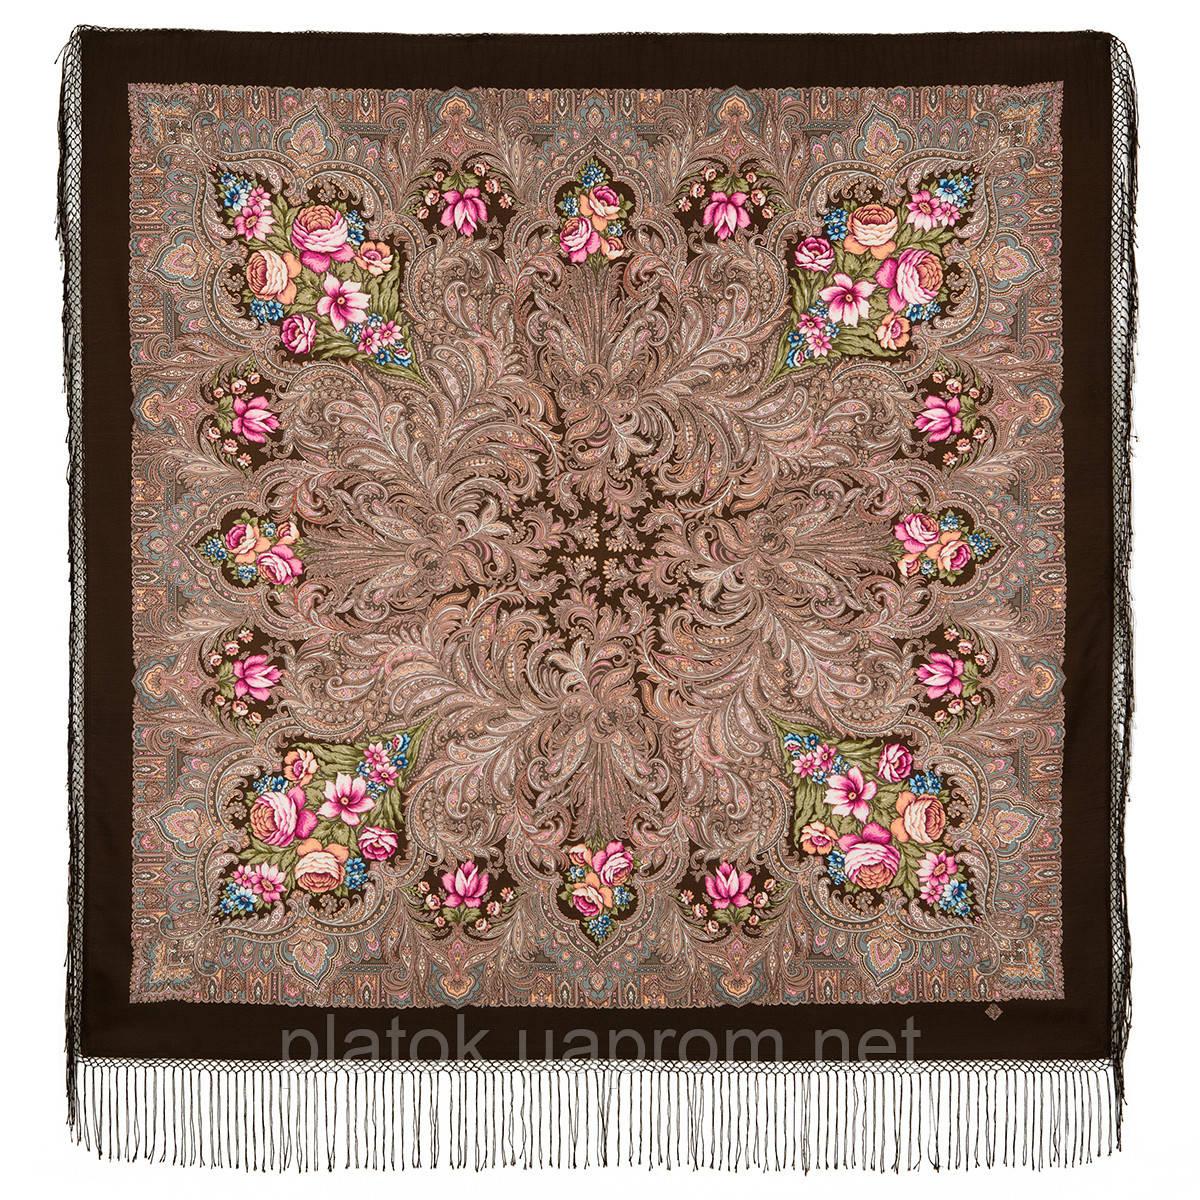 Чародейка Зима 1749-17, павлопосадский платок шерстяной (двуниточная шерсть) с шелковой вязаной бахромой